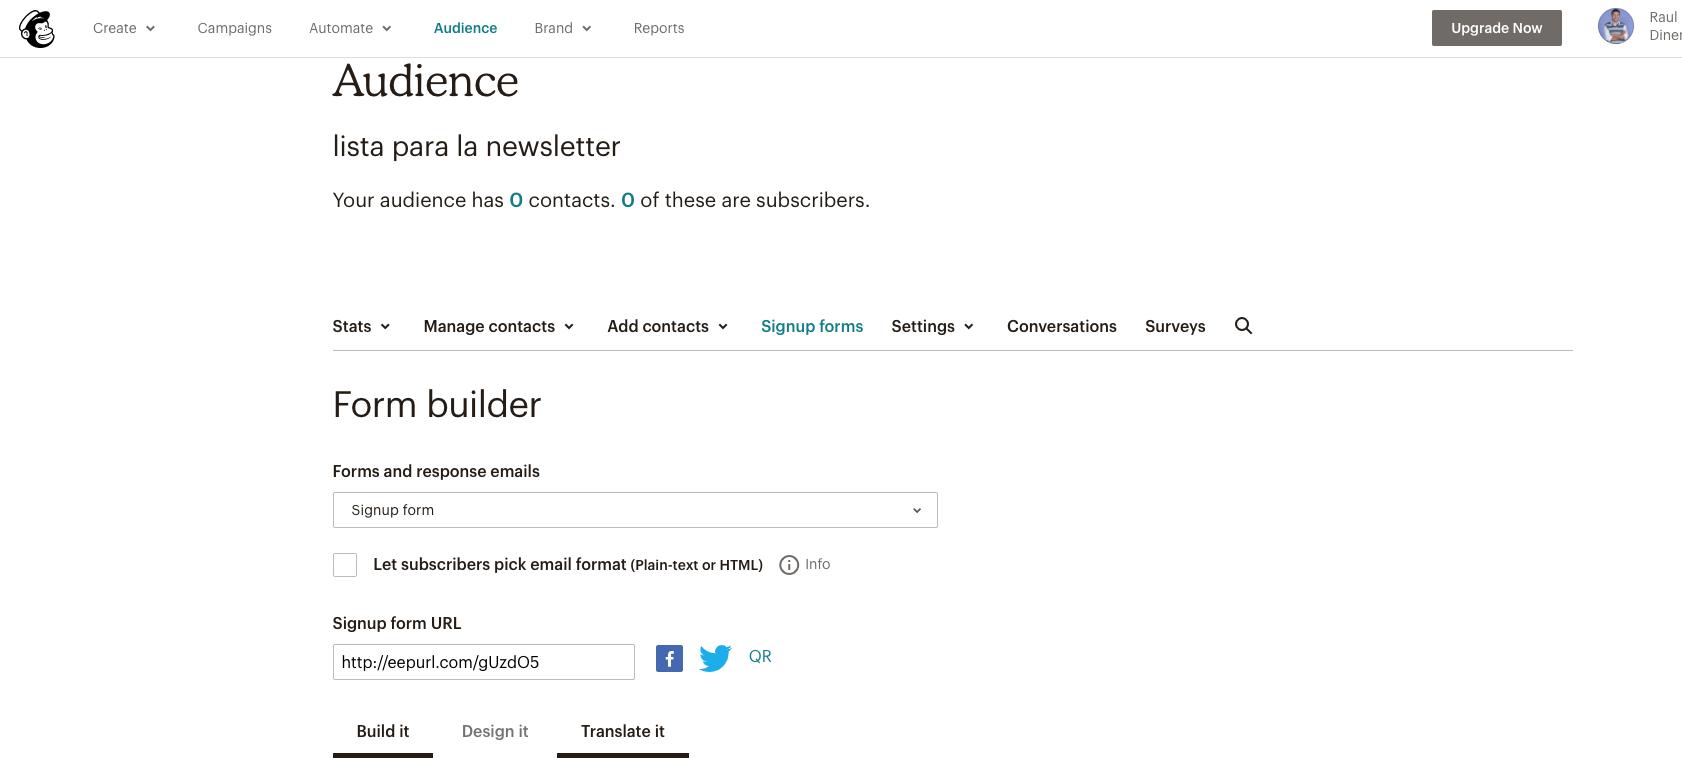 imagen de un form builder de mailchimp